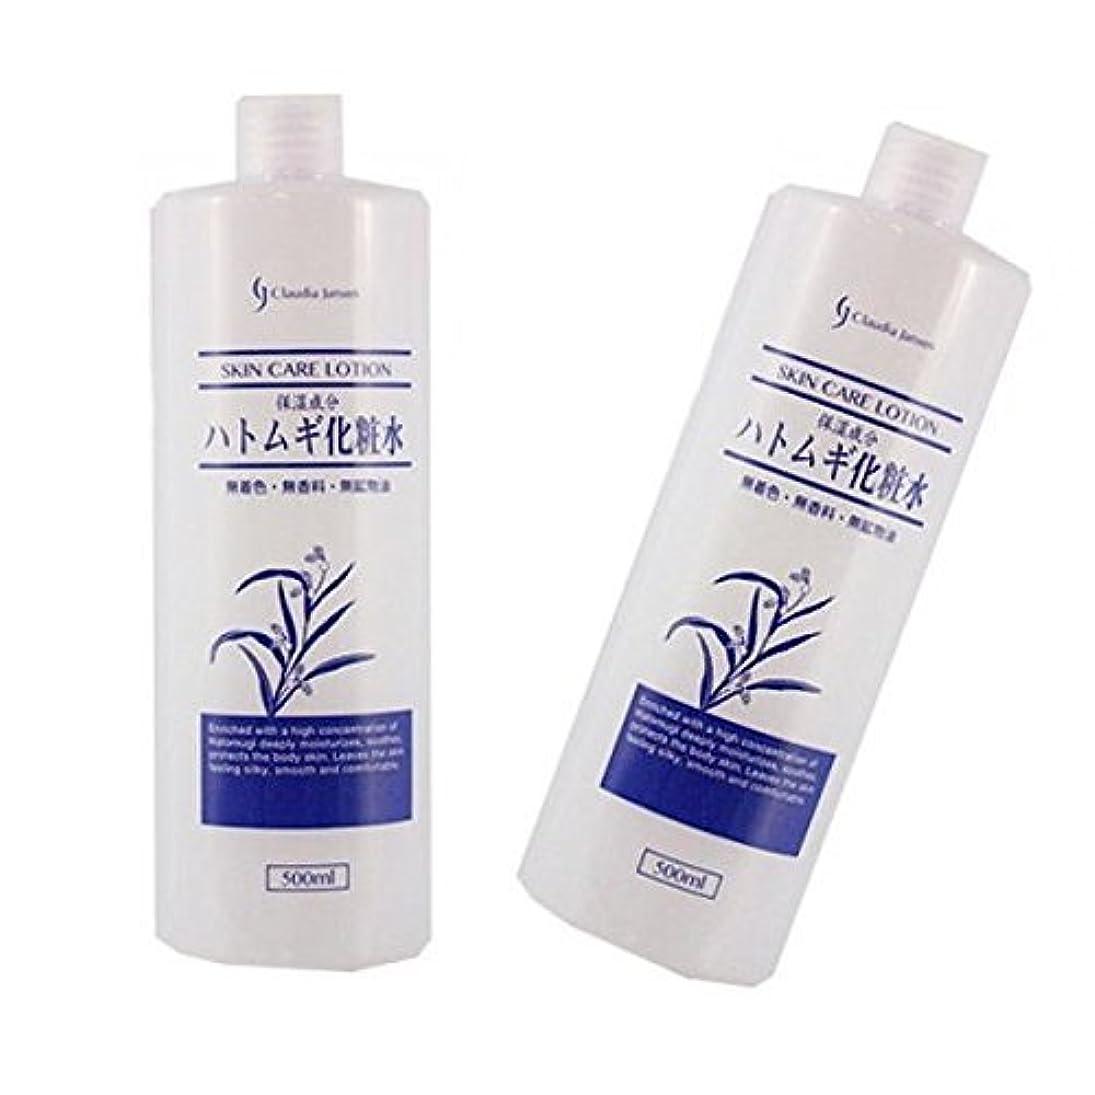 ハトムギ化粧水 500mL 【2個セット】保湿成分ハトムギエキス配合